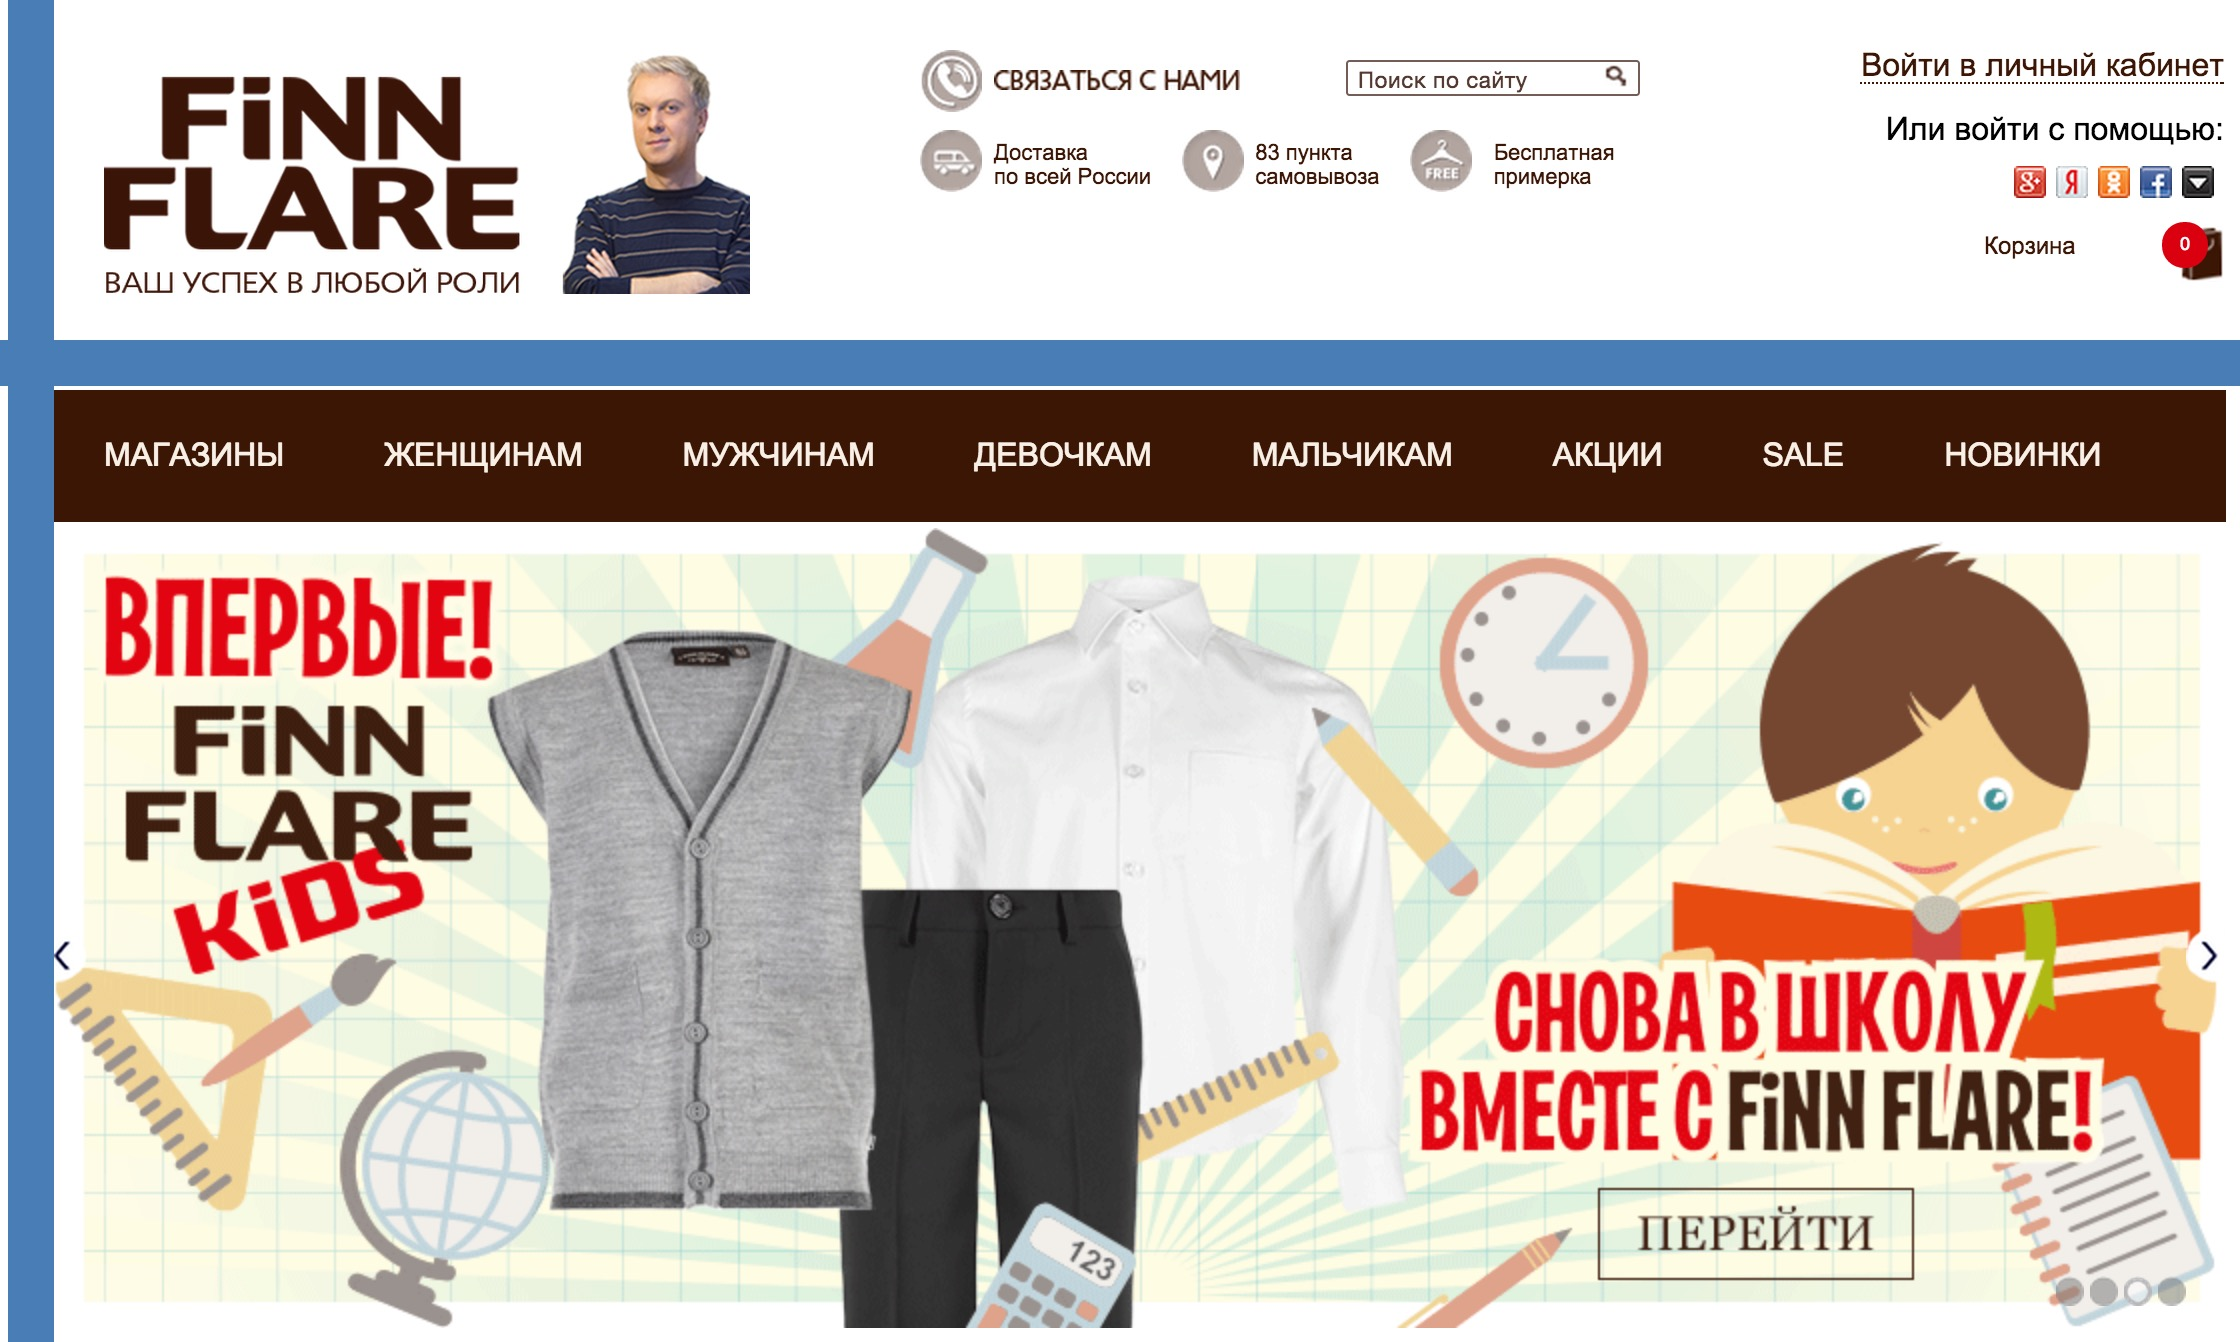 f9fde7d7da5 На территории бывшего СССР одежда этого бренда известна с 1974 года